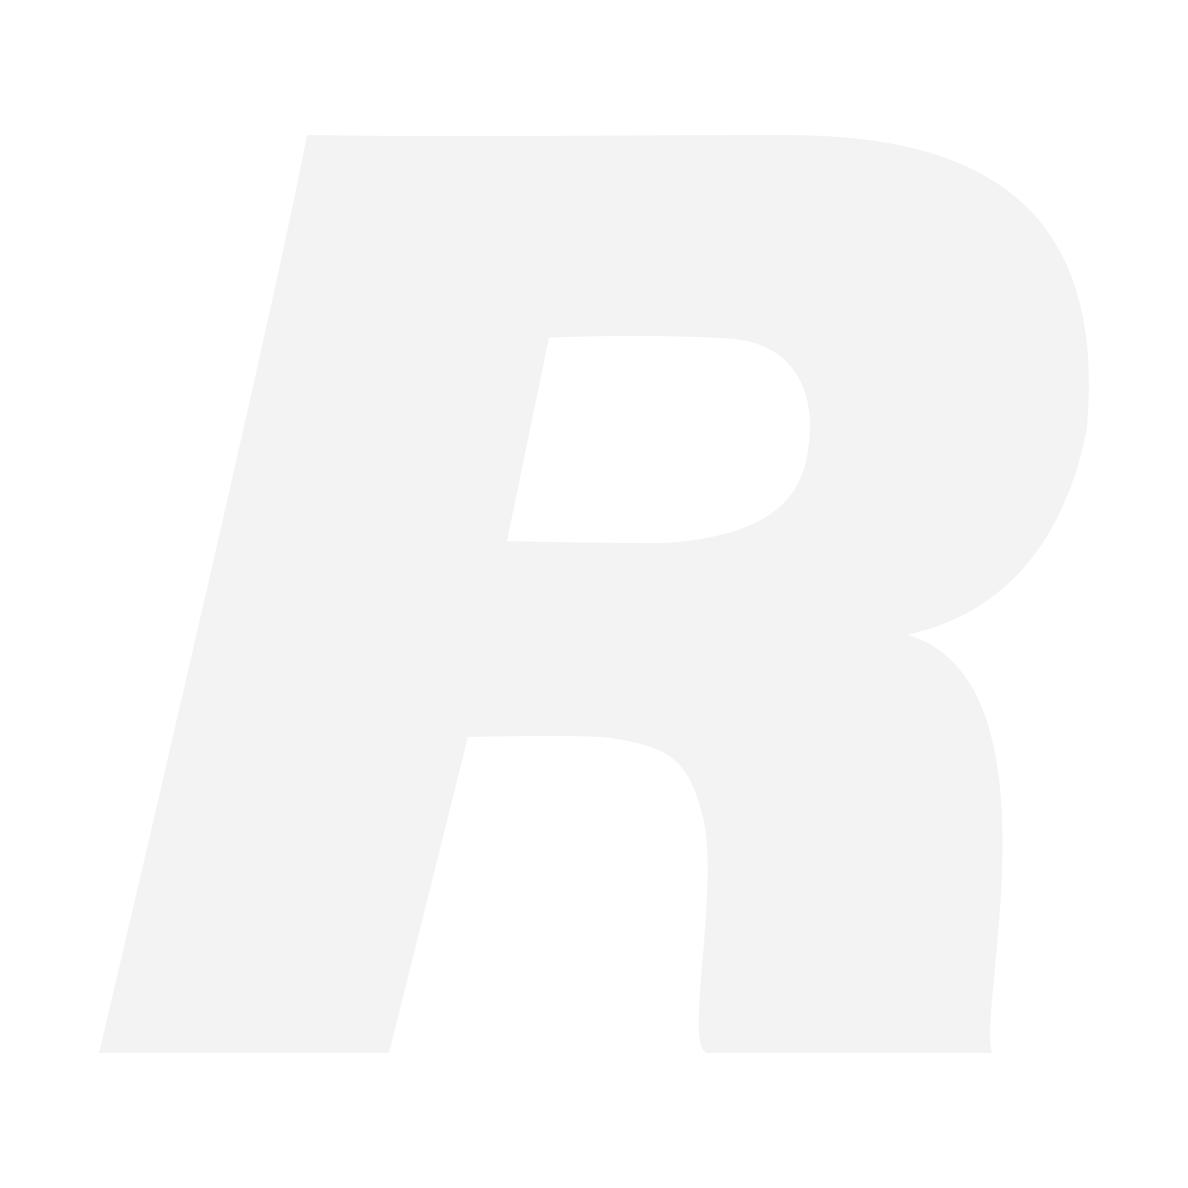 Lastolite LR3507 Mini TriGrip Diffuser 2 Stops 45cm